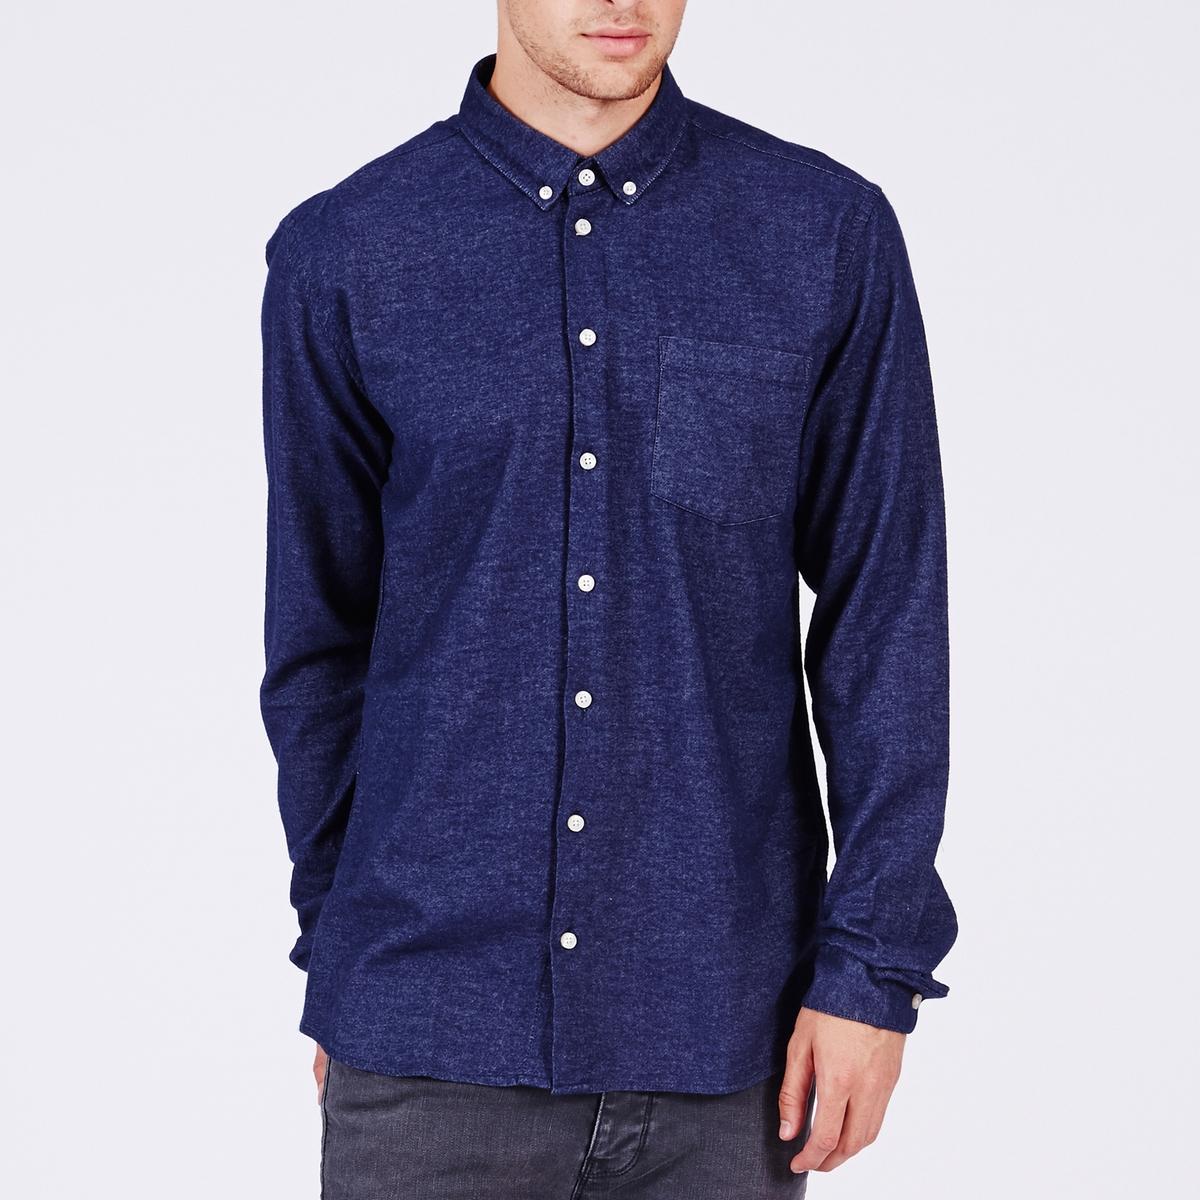 Рубашка PELHAM покрой приталенныйРубашка с длинными рукавами PELHAM - MINIMUM. Приталенный покрой, воротник с пуговицами на кончиках. 1 нагрудный карман и контрастные пуговицы. Низ рукавов с пуговицами. Состав и описаниеМатериал: 100% хлопка.Марка:        MINIMUM<br><br>Цвет: синий